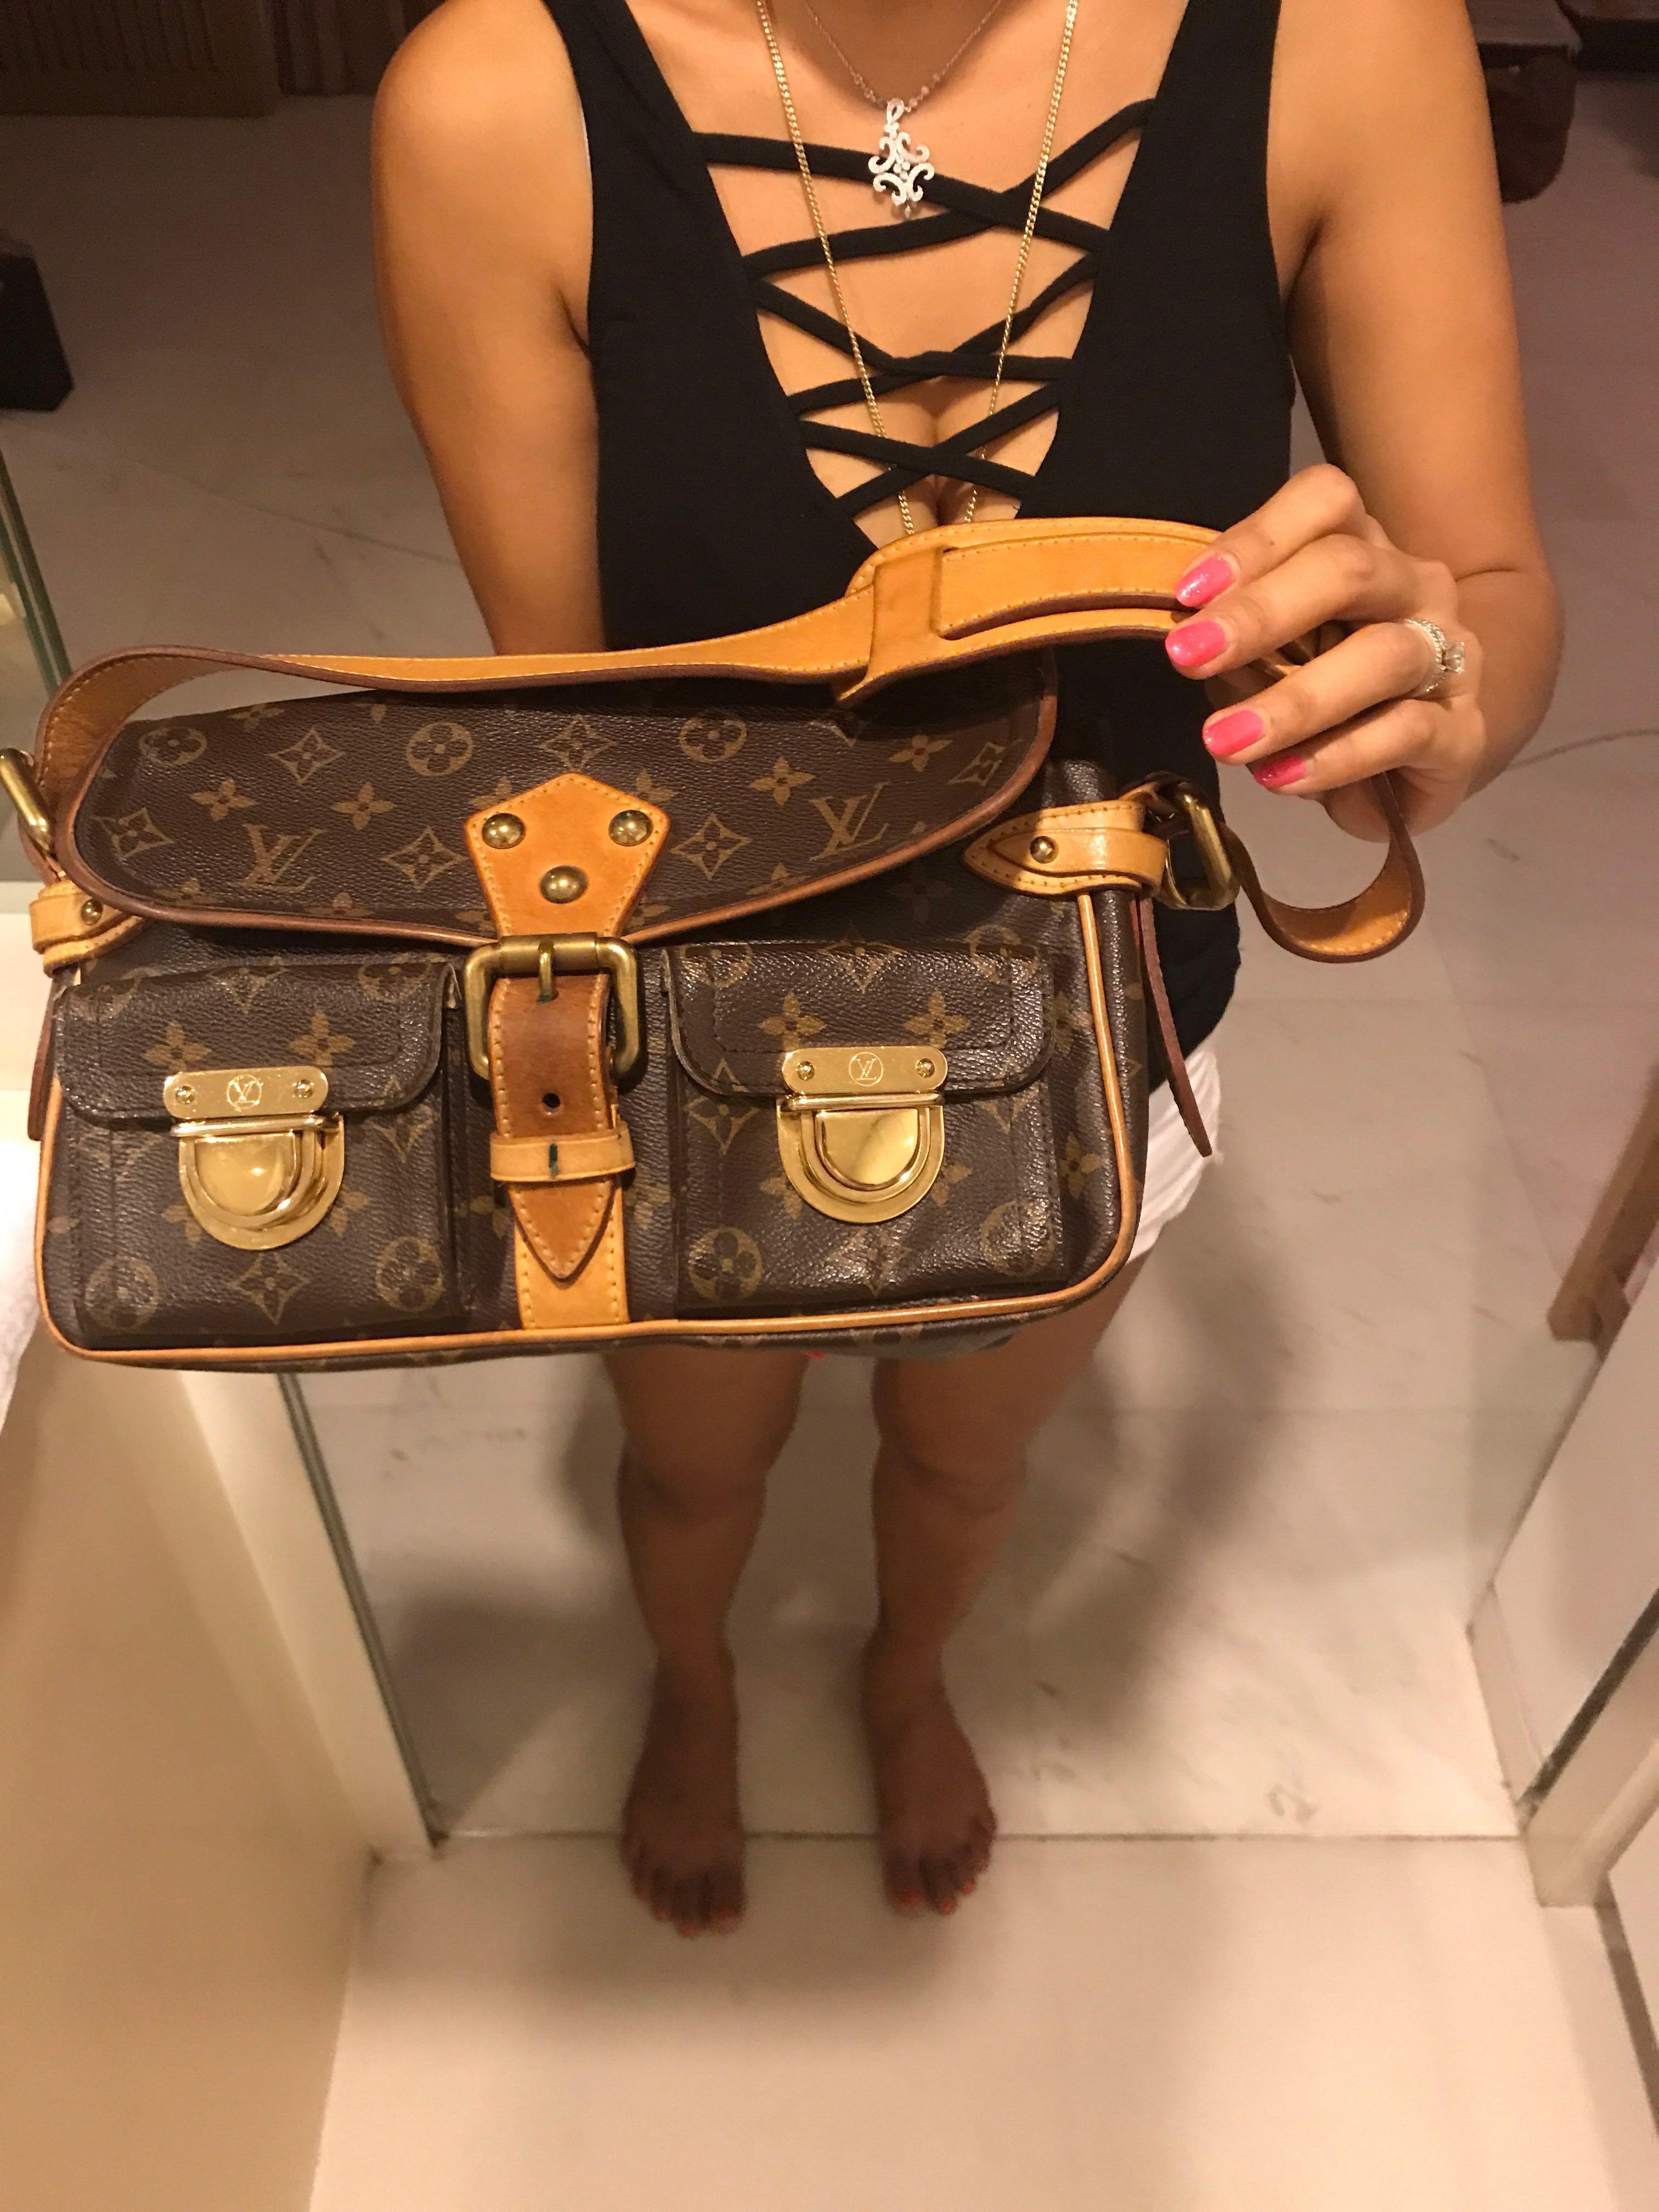 fb5da67210 Authentic vintage Louis Vuitton Hudson PM shoulder bag, Women's ...